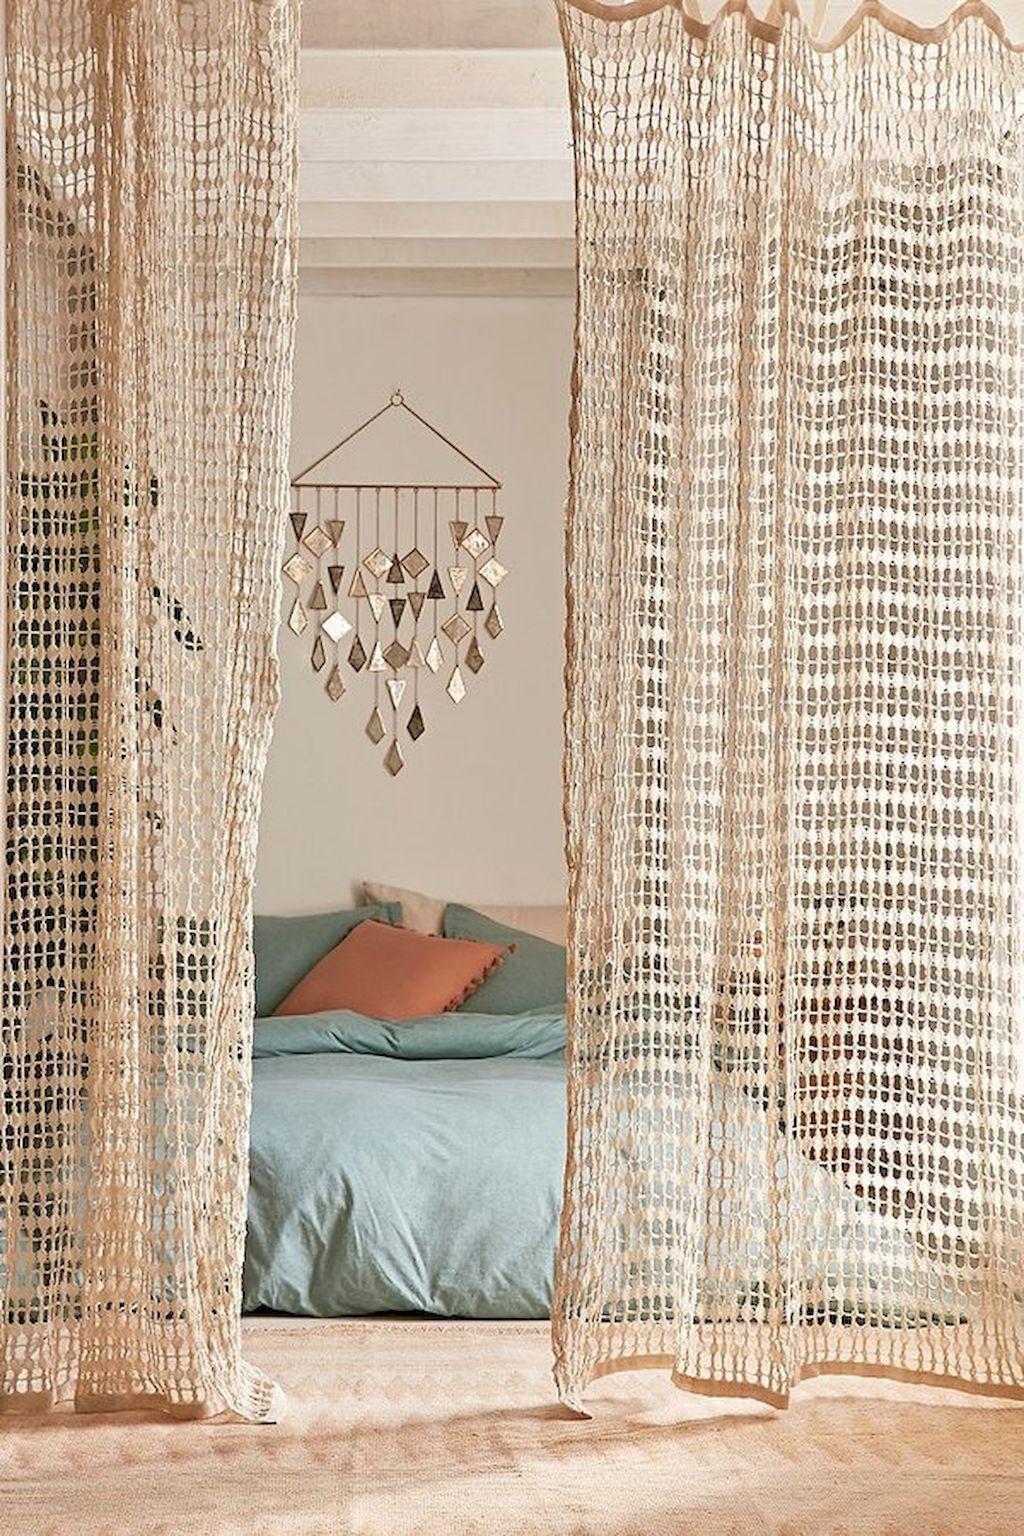 Hippie Bohemian Bedroom Decor Ideas (41 | Schlafzimmer, Wohnen und Deko